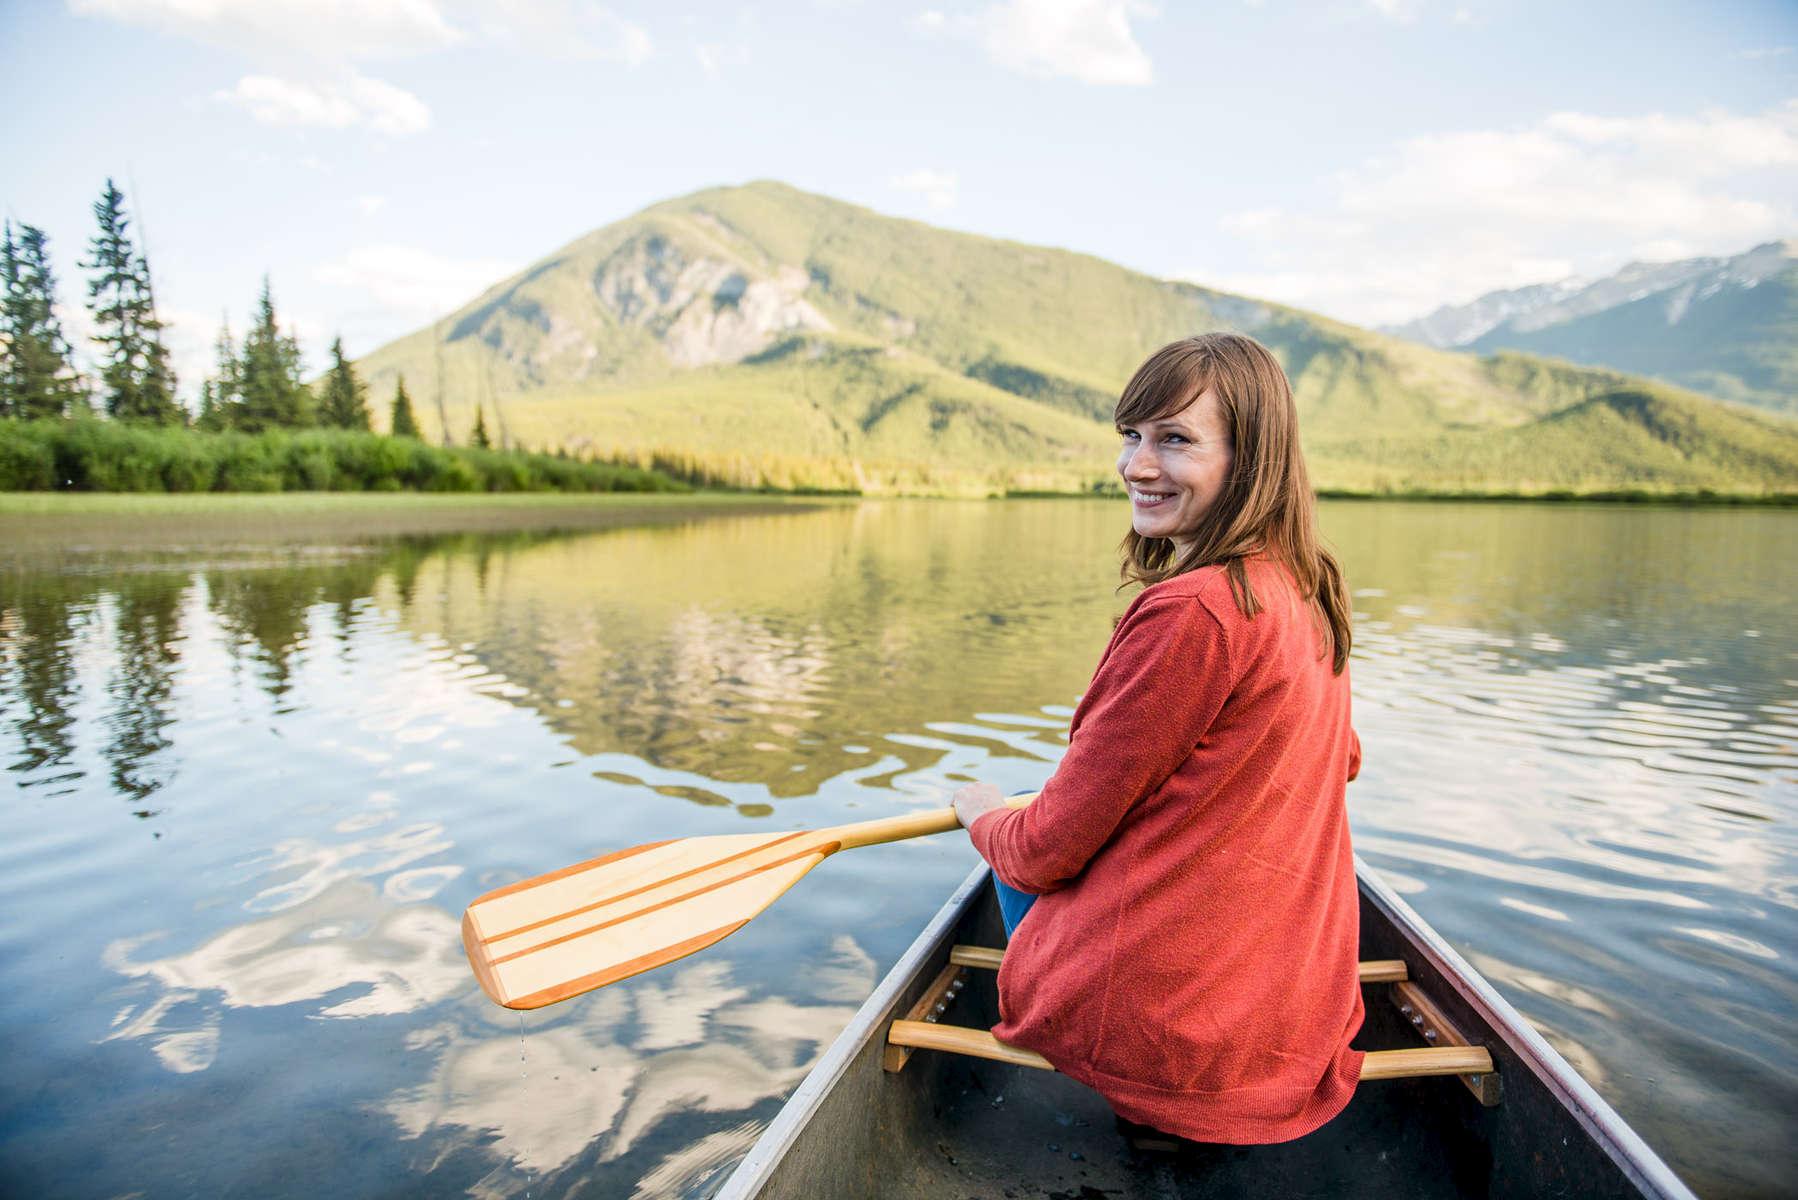 Banff-Engagement-Session-Canoe-082